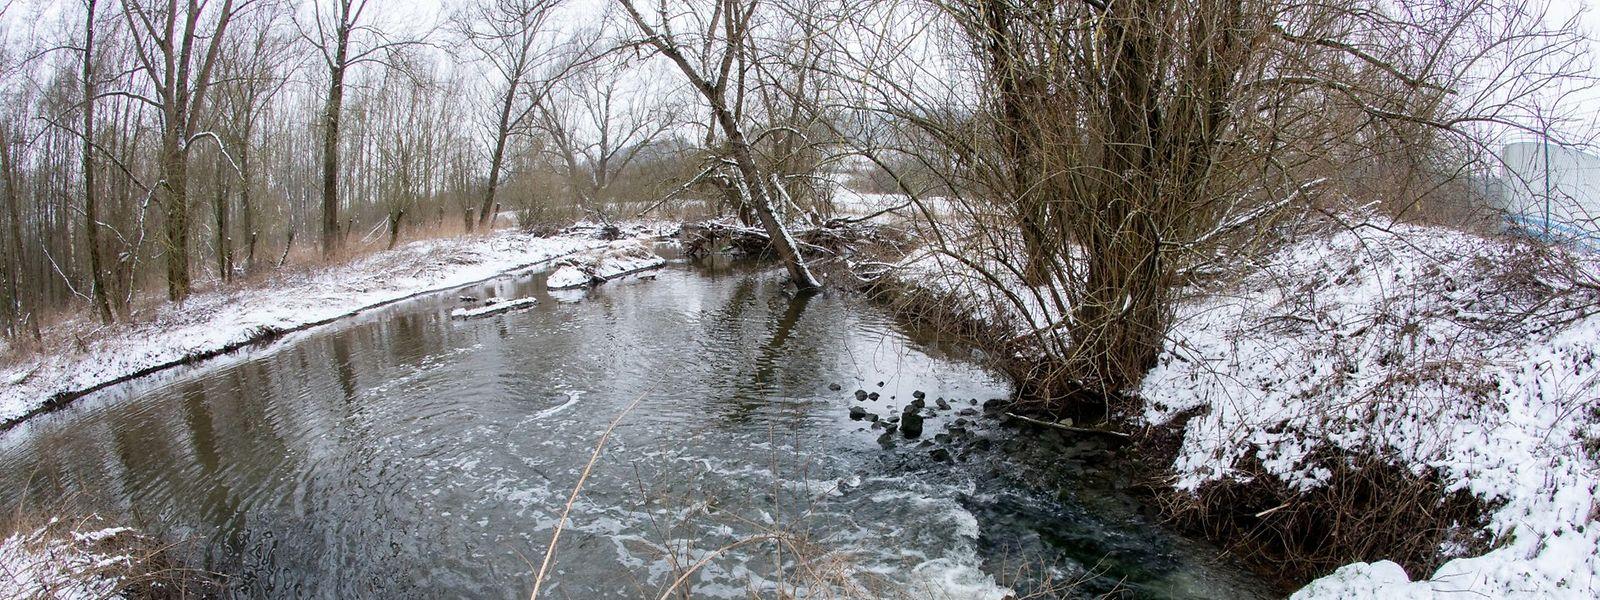 Von einem Sprung in die Korn ist derzeit nicht nur wegen der Kälte abzuraten. Der Zustand des Gewässers ist so, dass es untersagt ist, darin zu baden.